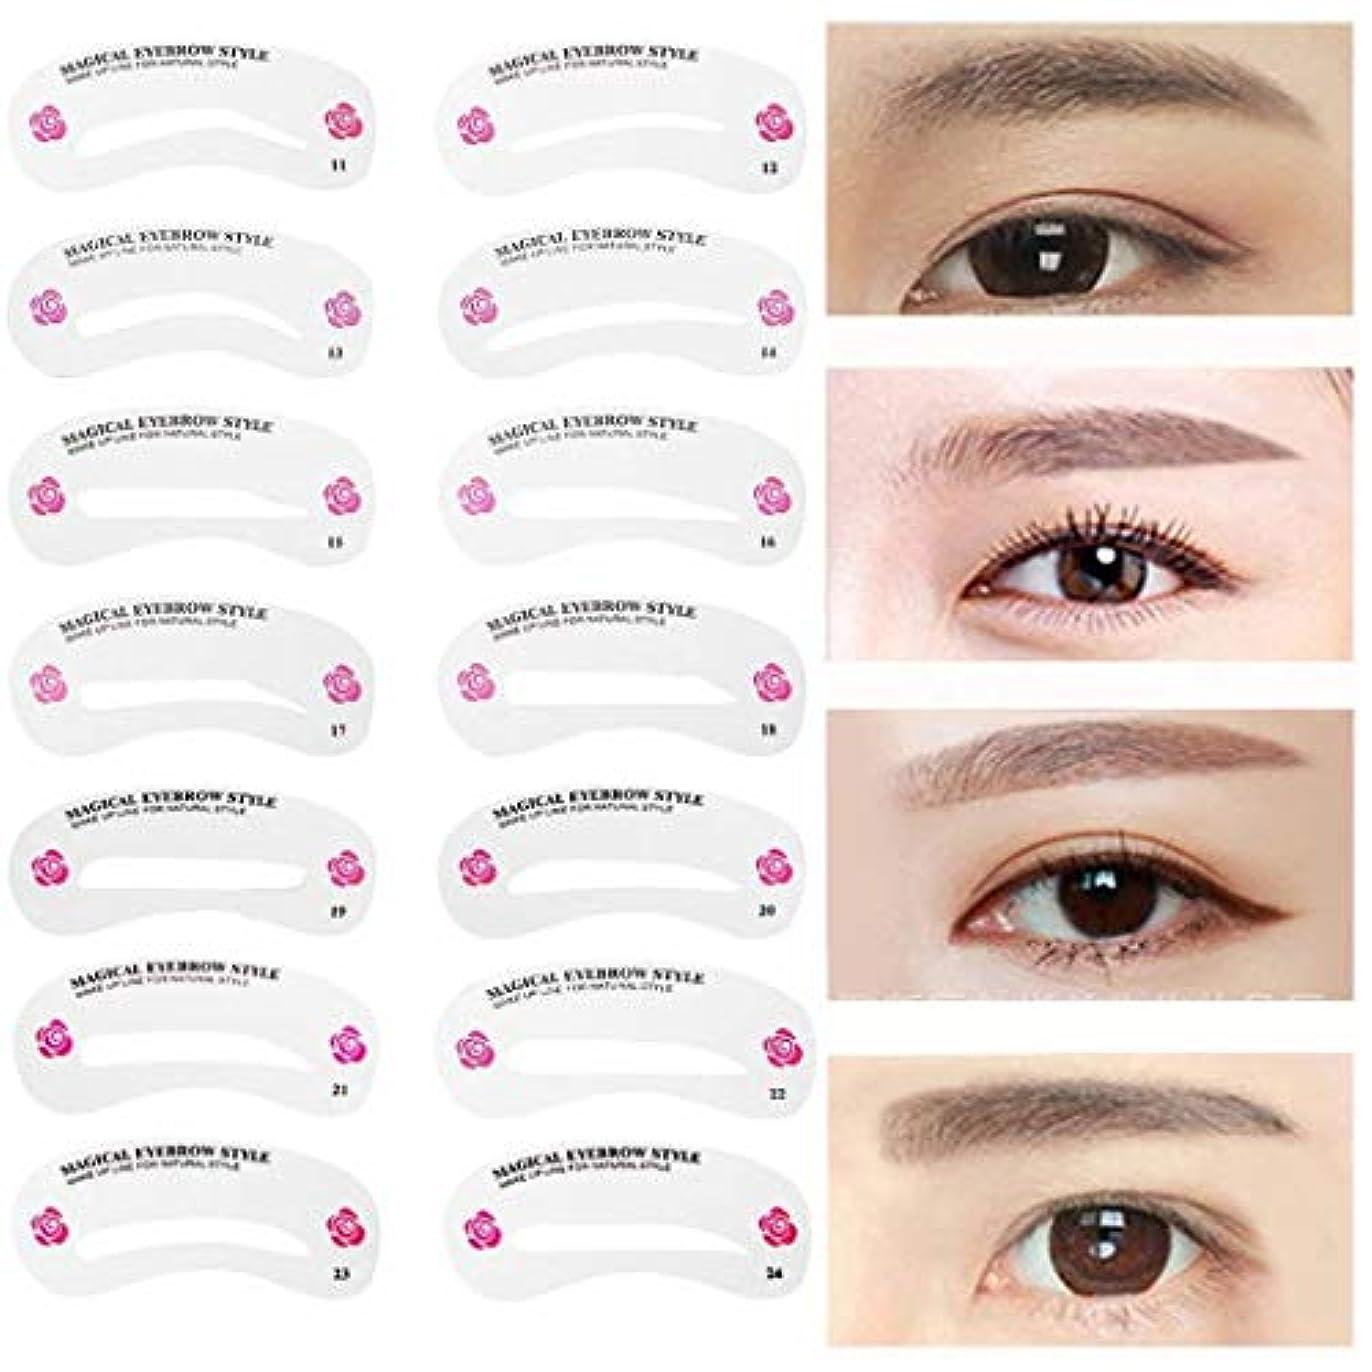 顕微鏡フェッチ彼らのもの24種類 眉毛テンプレート24枚セット 太眉対応 24パターン 眉毛を気分で使い分け 眉用ステンシル